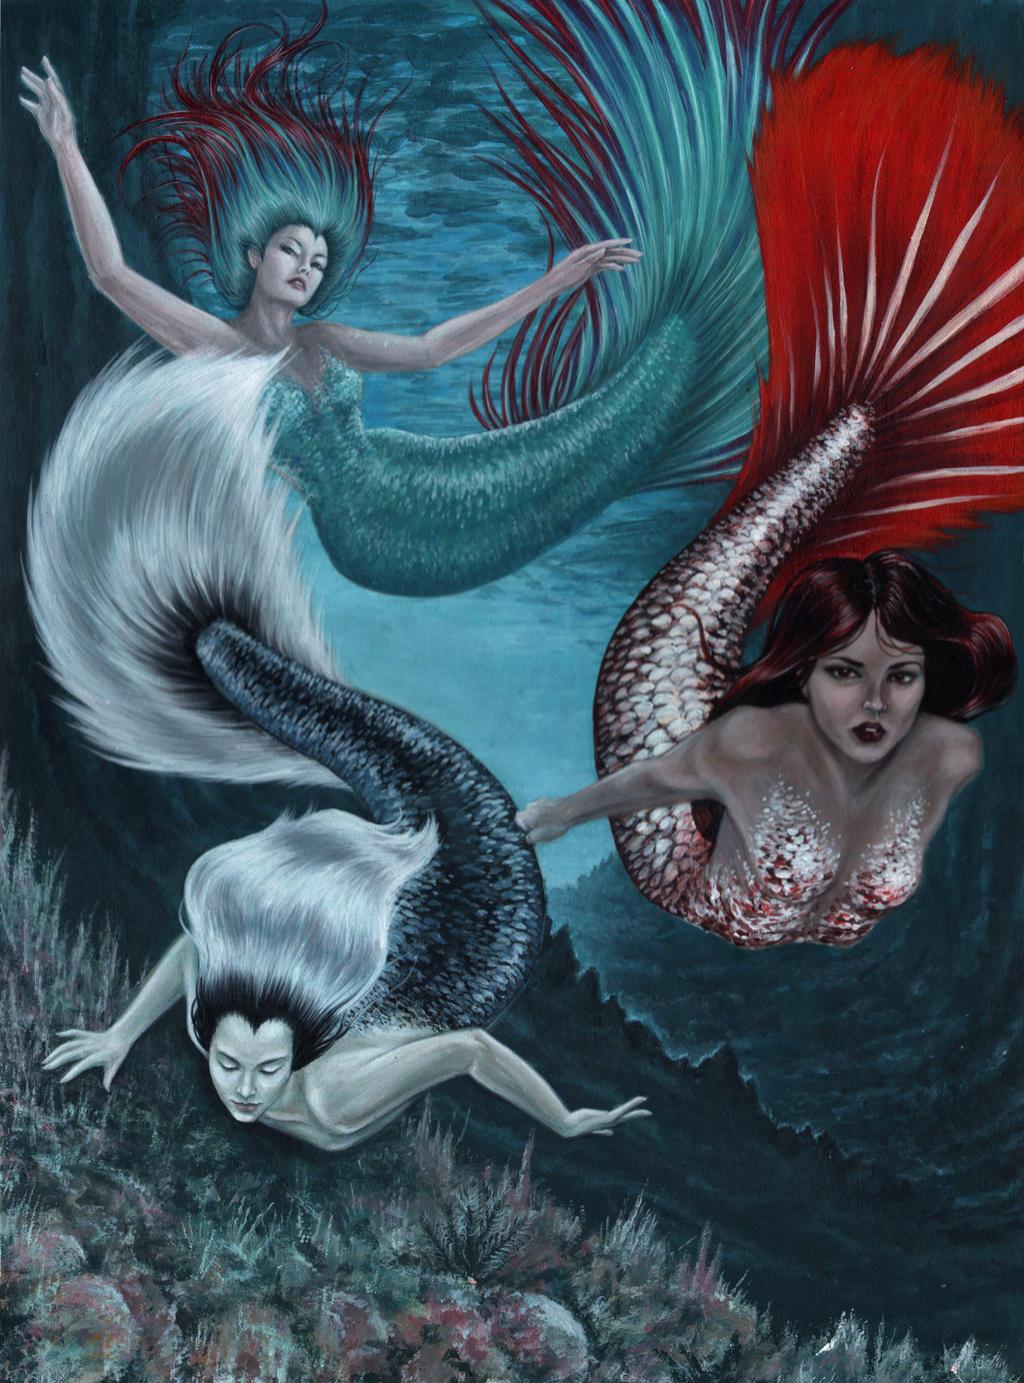 Merman And Mermaid In Love | www.imgkid.com - The Image ...